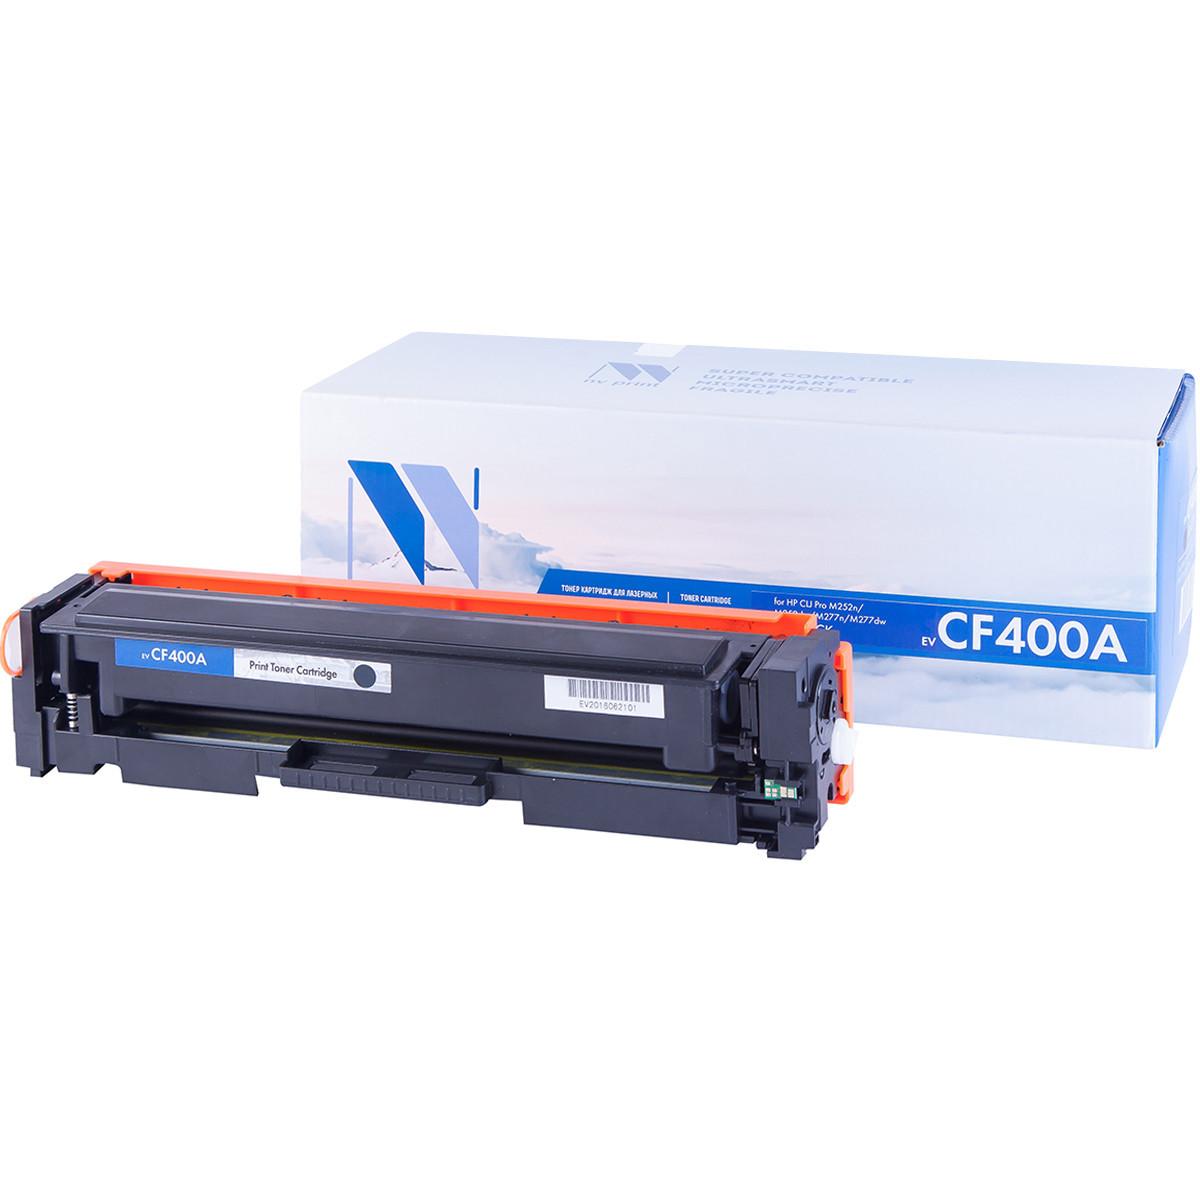 Картридж NVP совместимый HP CF400A Black для LaserJet Color Pro M252dw/MFP-M277dw (1500k)